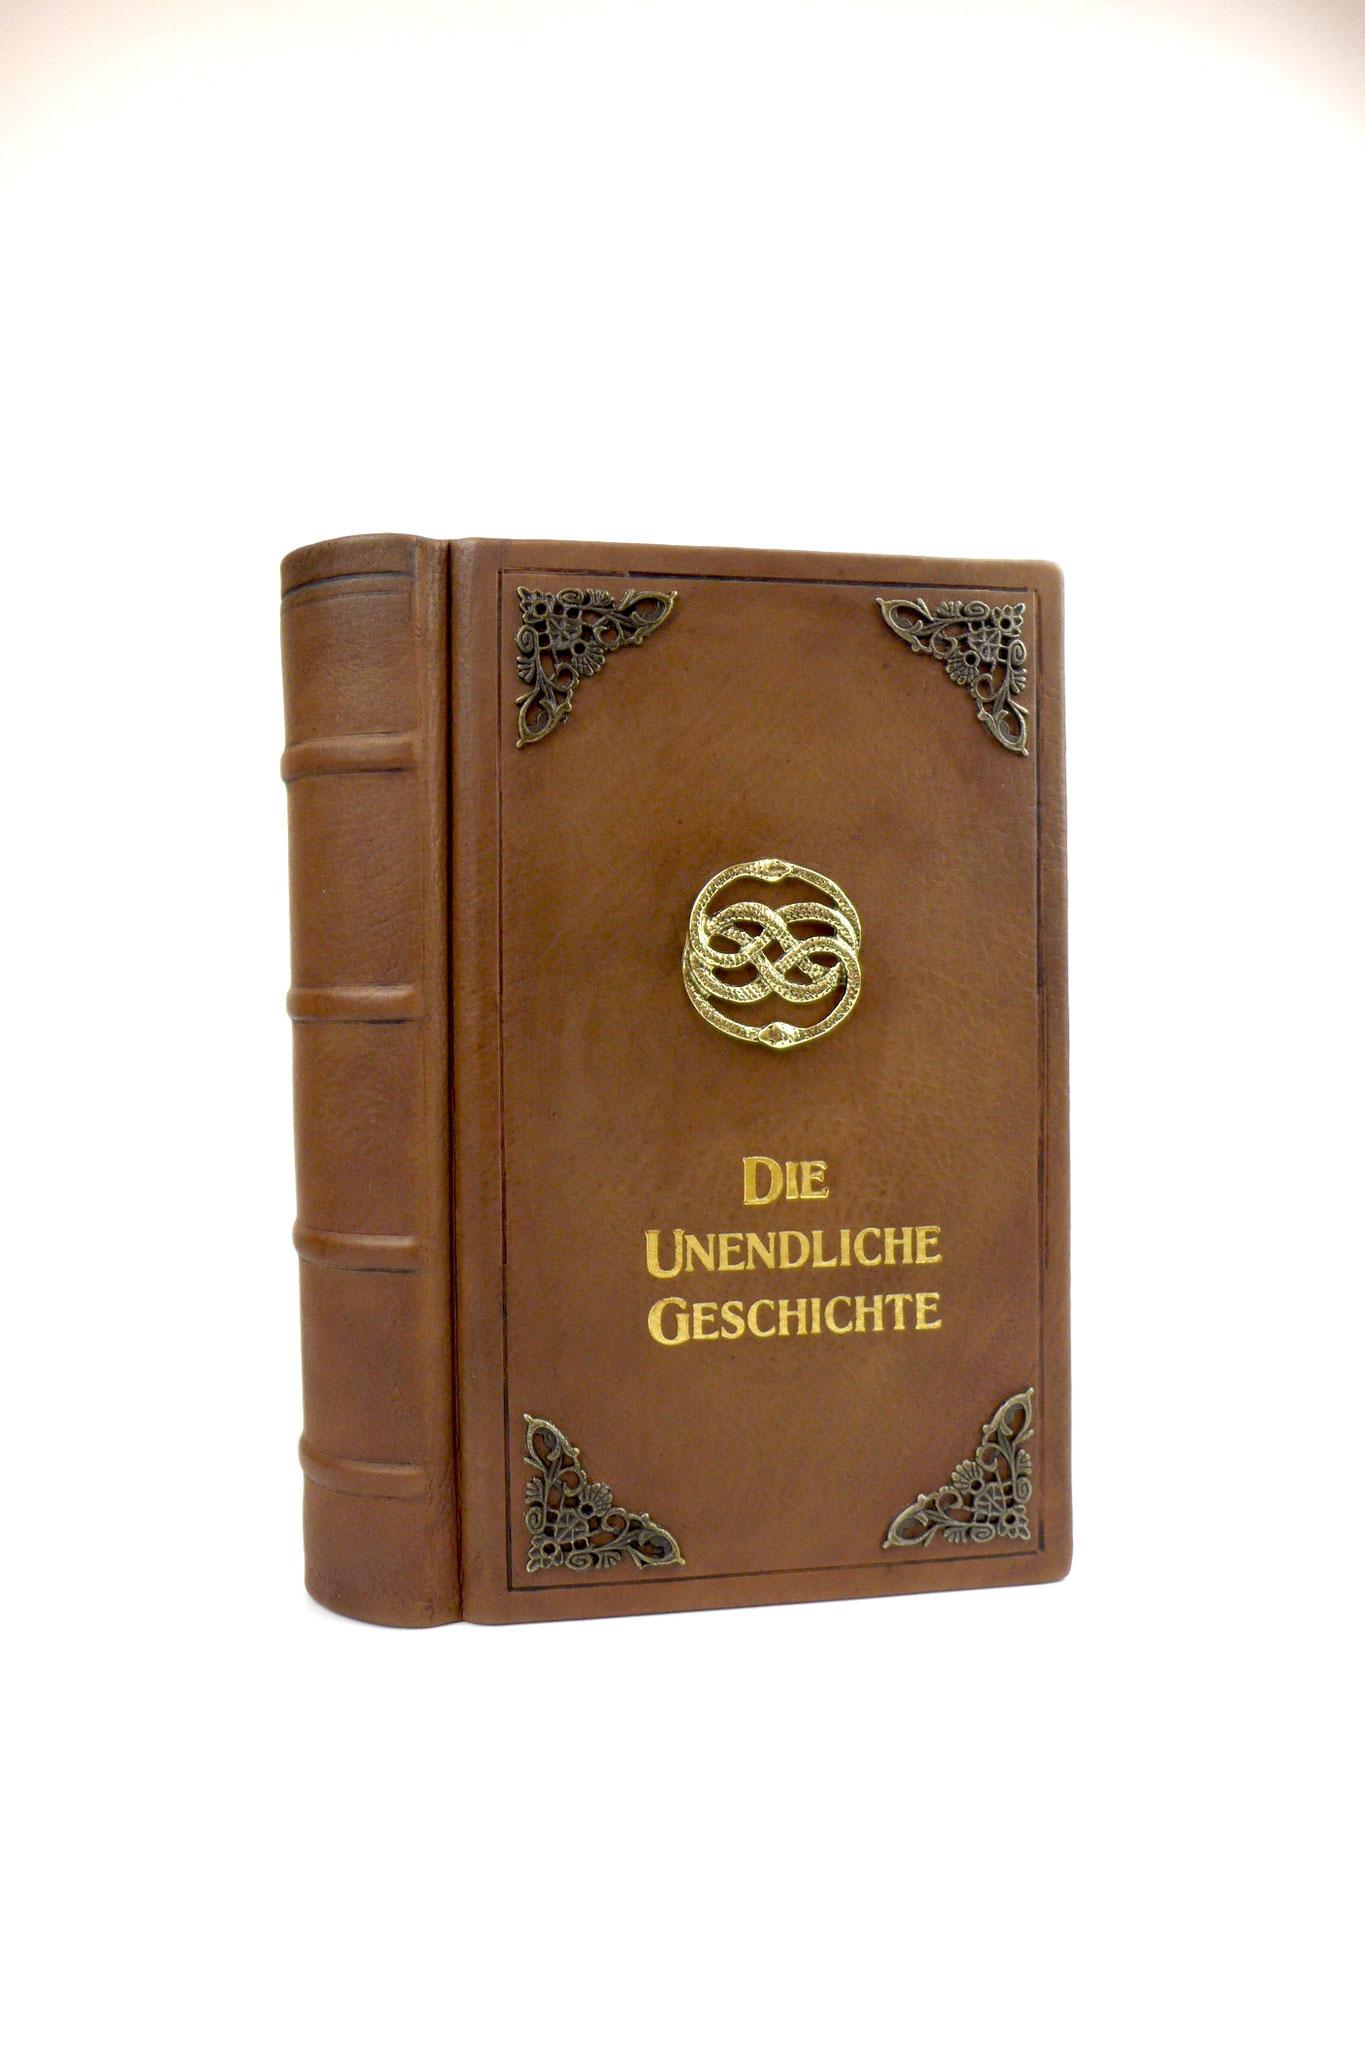 Die Unendliche Geschichte Buch in Leder gebunden.